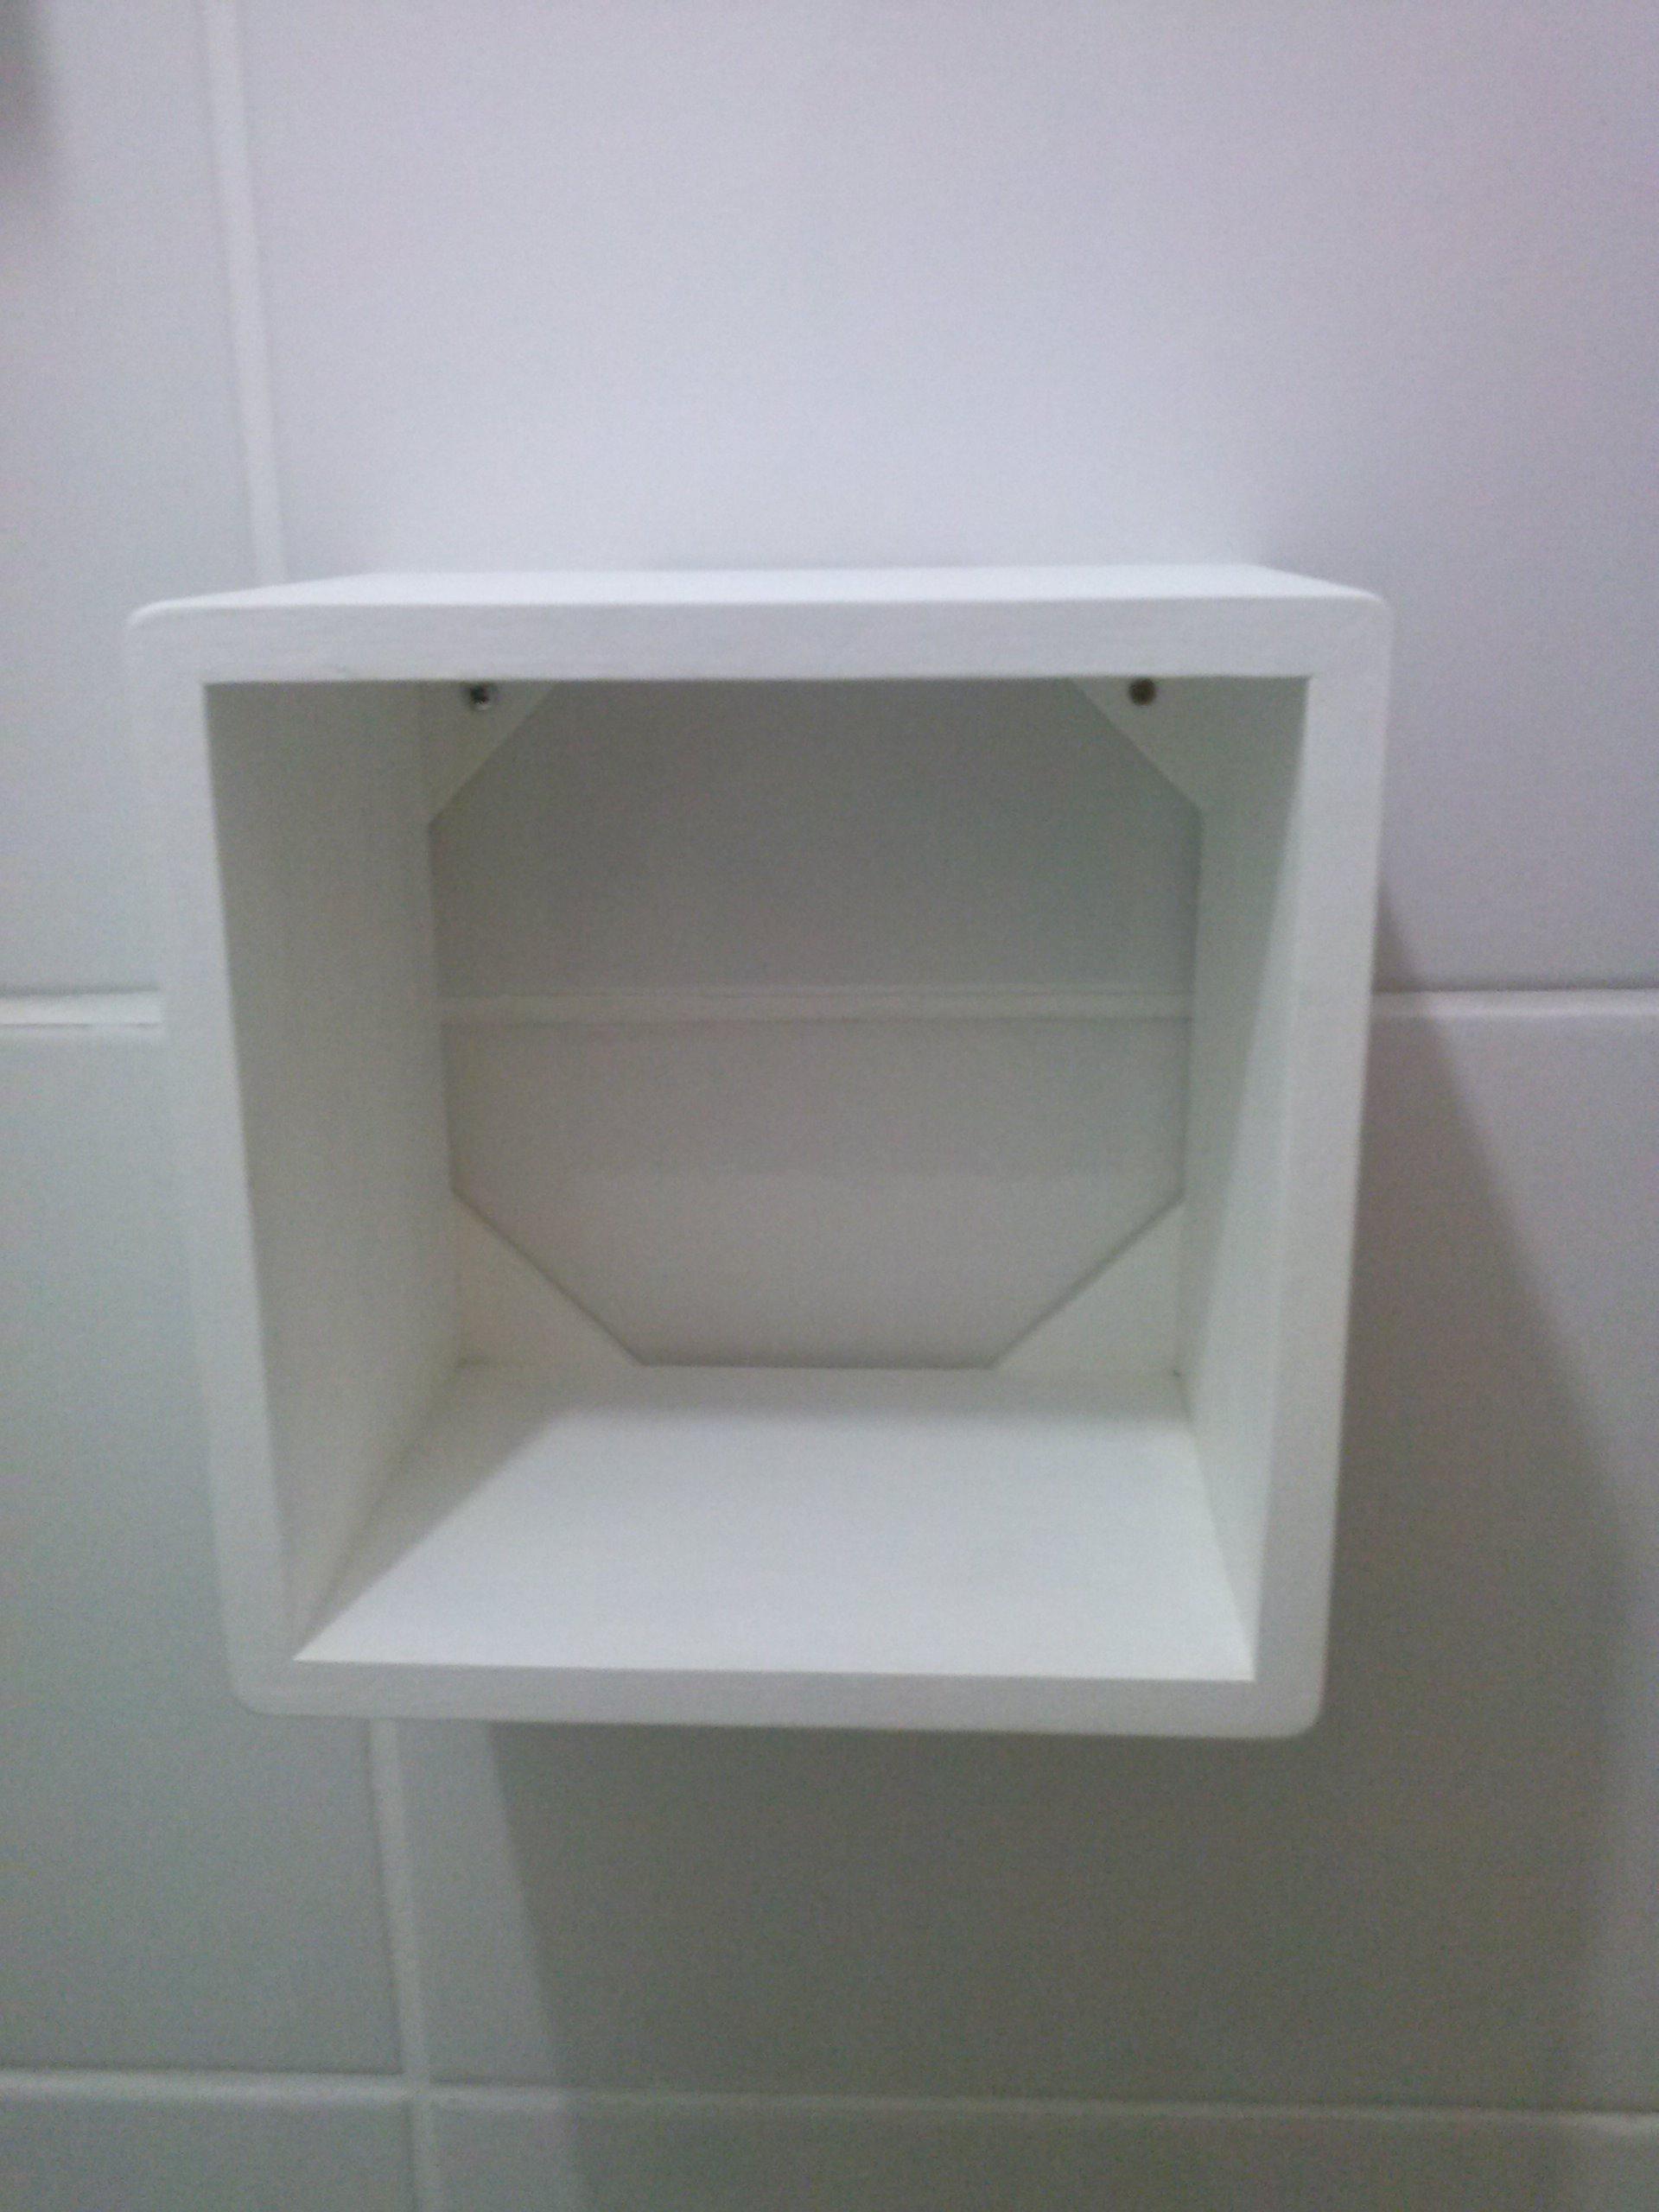 Nichos MDF 20cm  Teca e filha Artes  Elo7 -> Nicho Para Banheiro Comprar